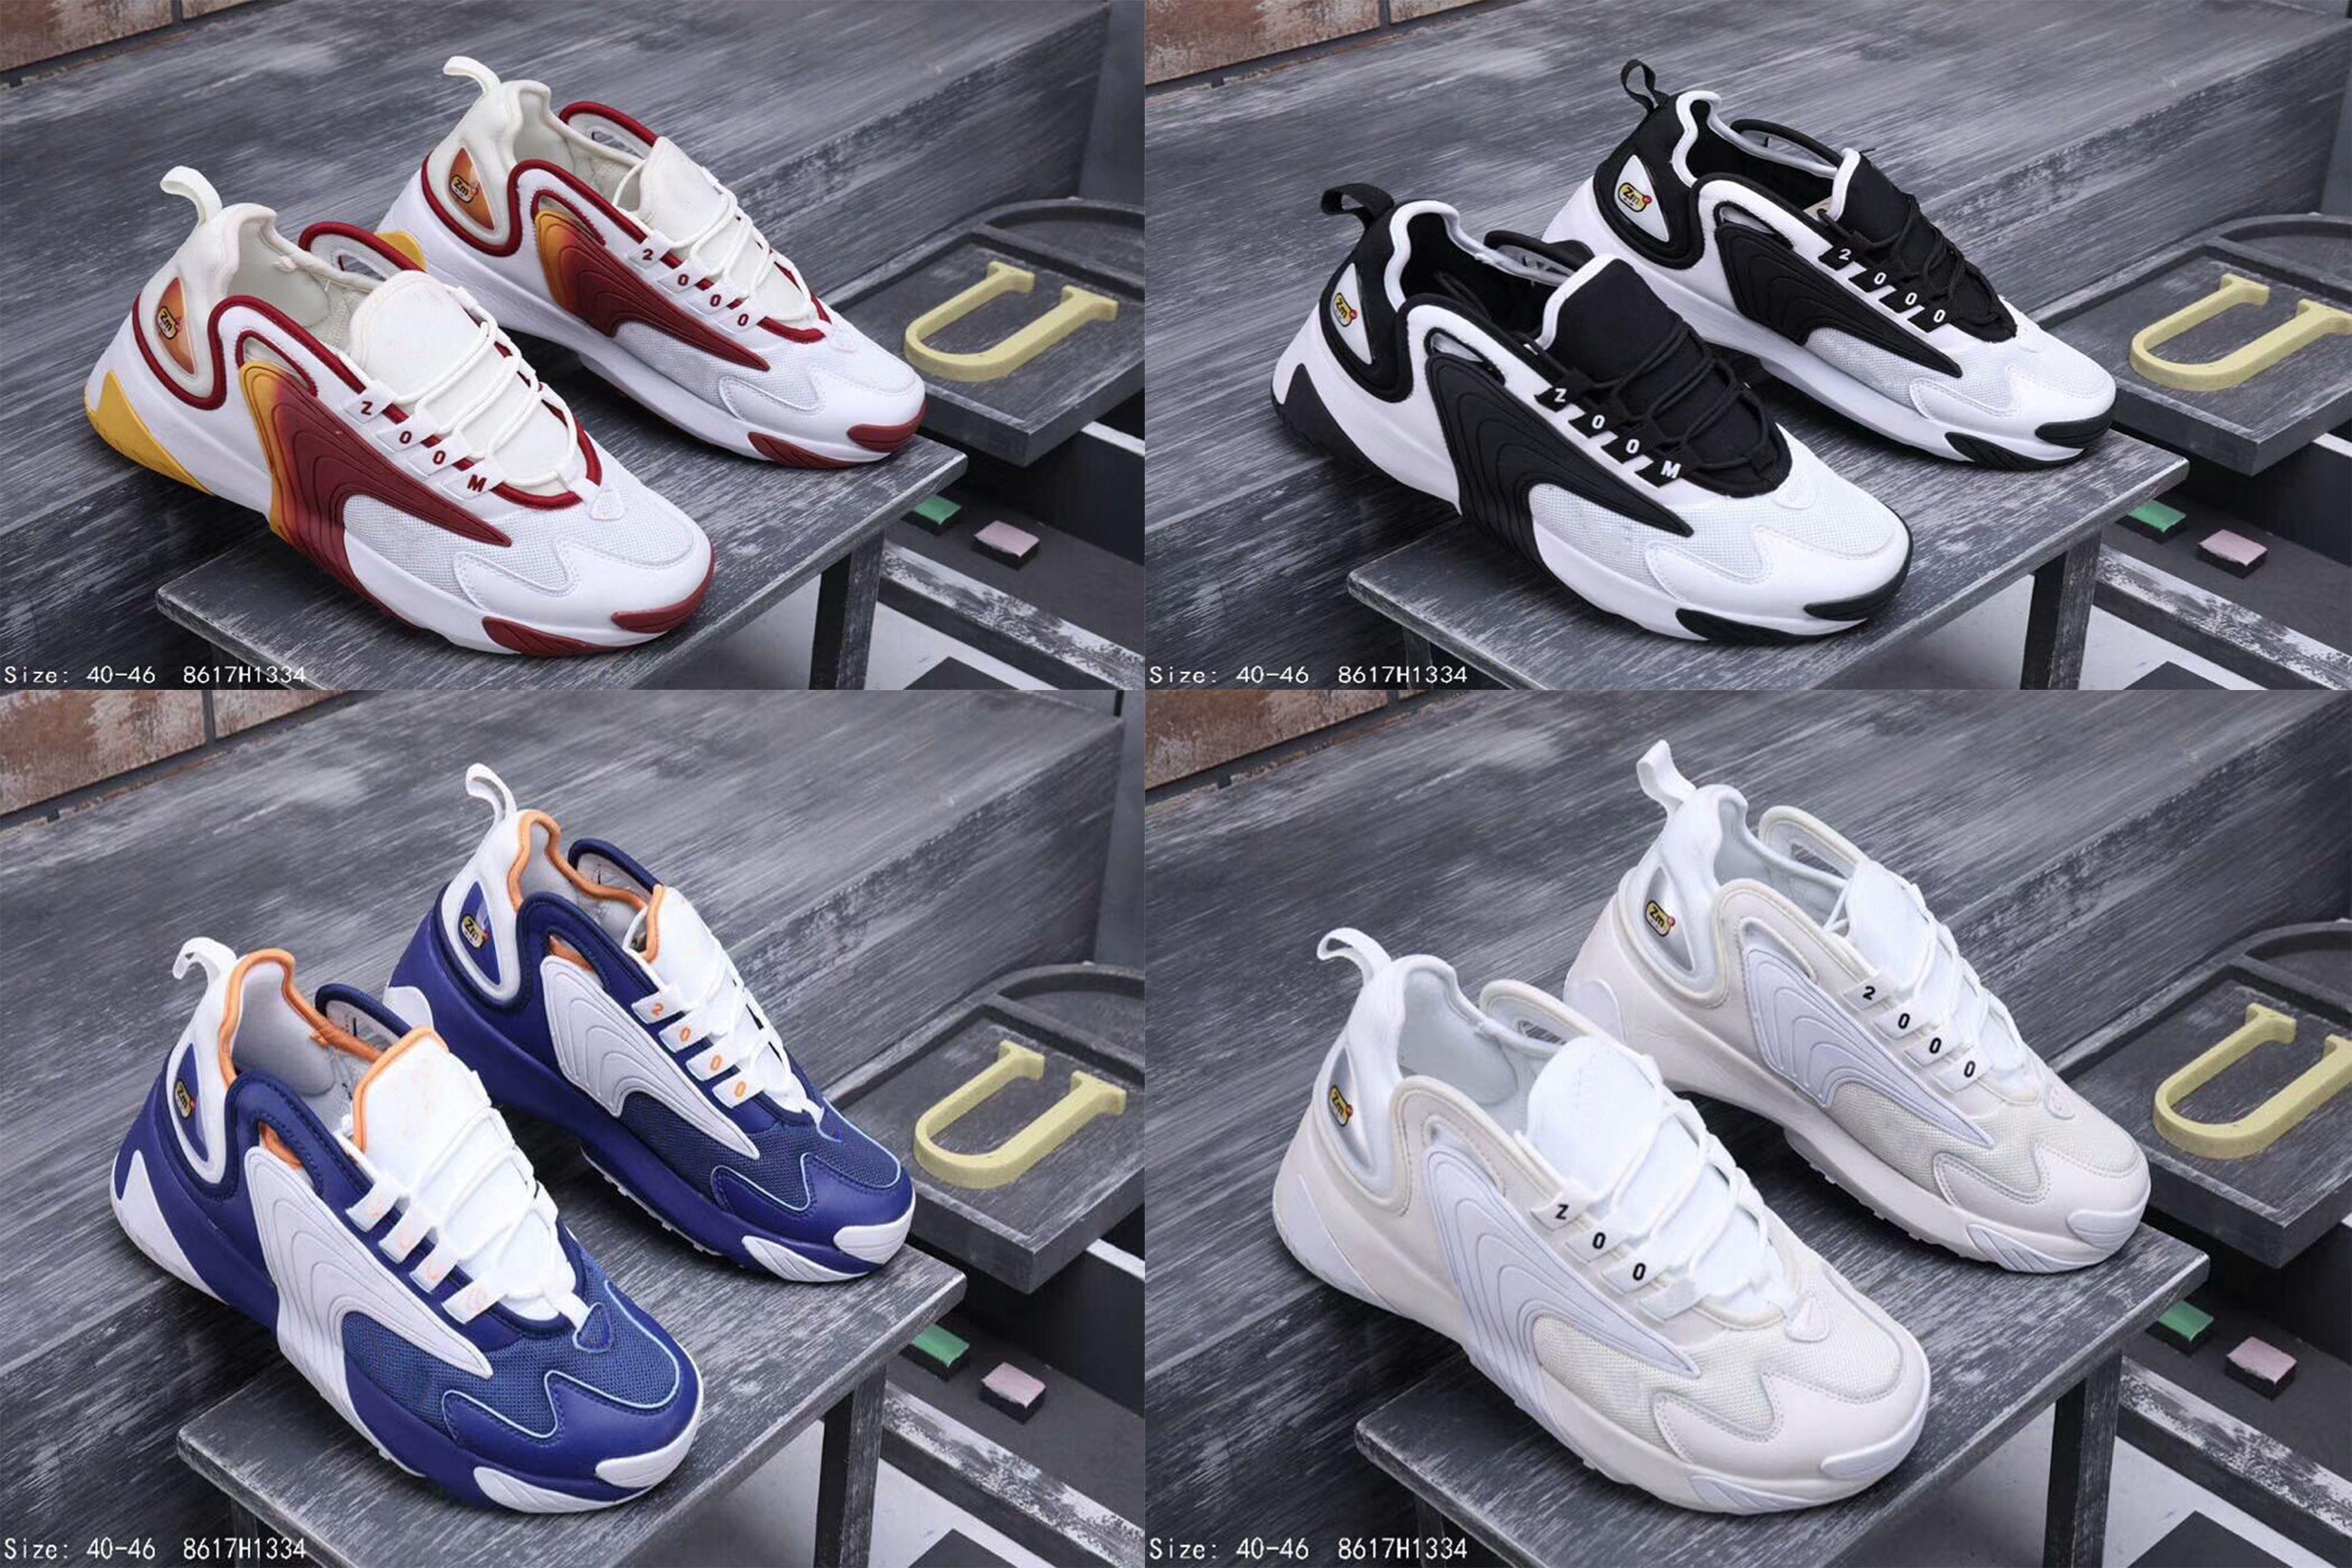 low priced 48b9d 7cd4c Acheter M2k Tekno Zoom 2K ZM 2000 Hommes Lifestyle Chaussures De Sport En  Plein Air Noir Blanc Bleu Orange Chaussures De Sport De Mode Taille US 7 12  Avec ...